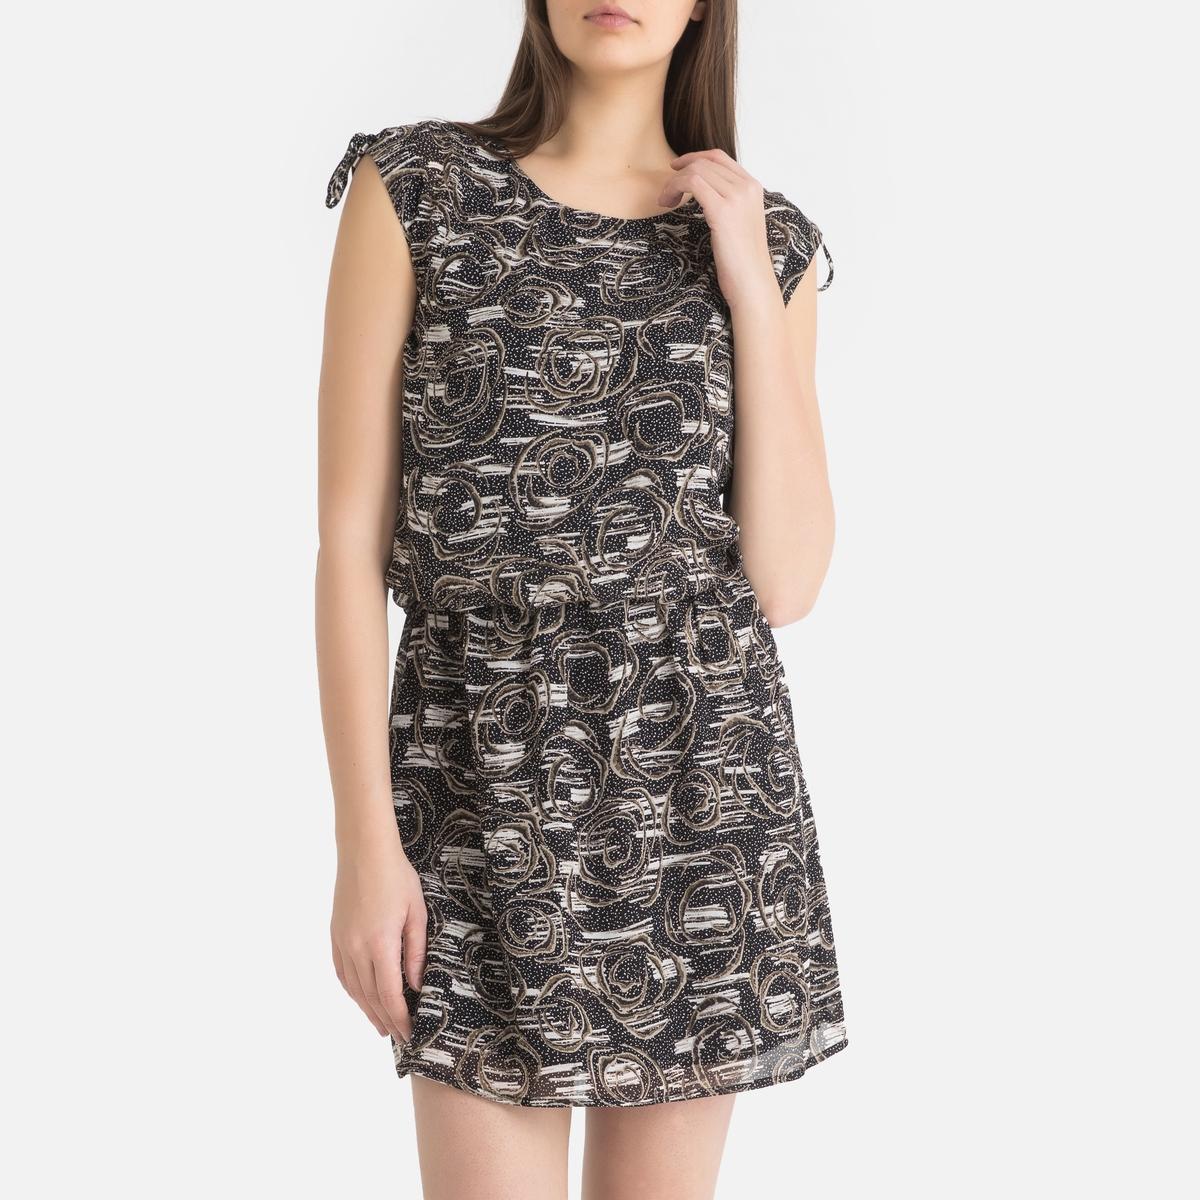 одеяло стеганое из хлопковой вуали с рисунком колорблок Платье La Redoute Короткое с рисунком из вуали 36 (FR) - 42 (RUS) черный